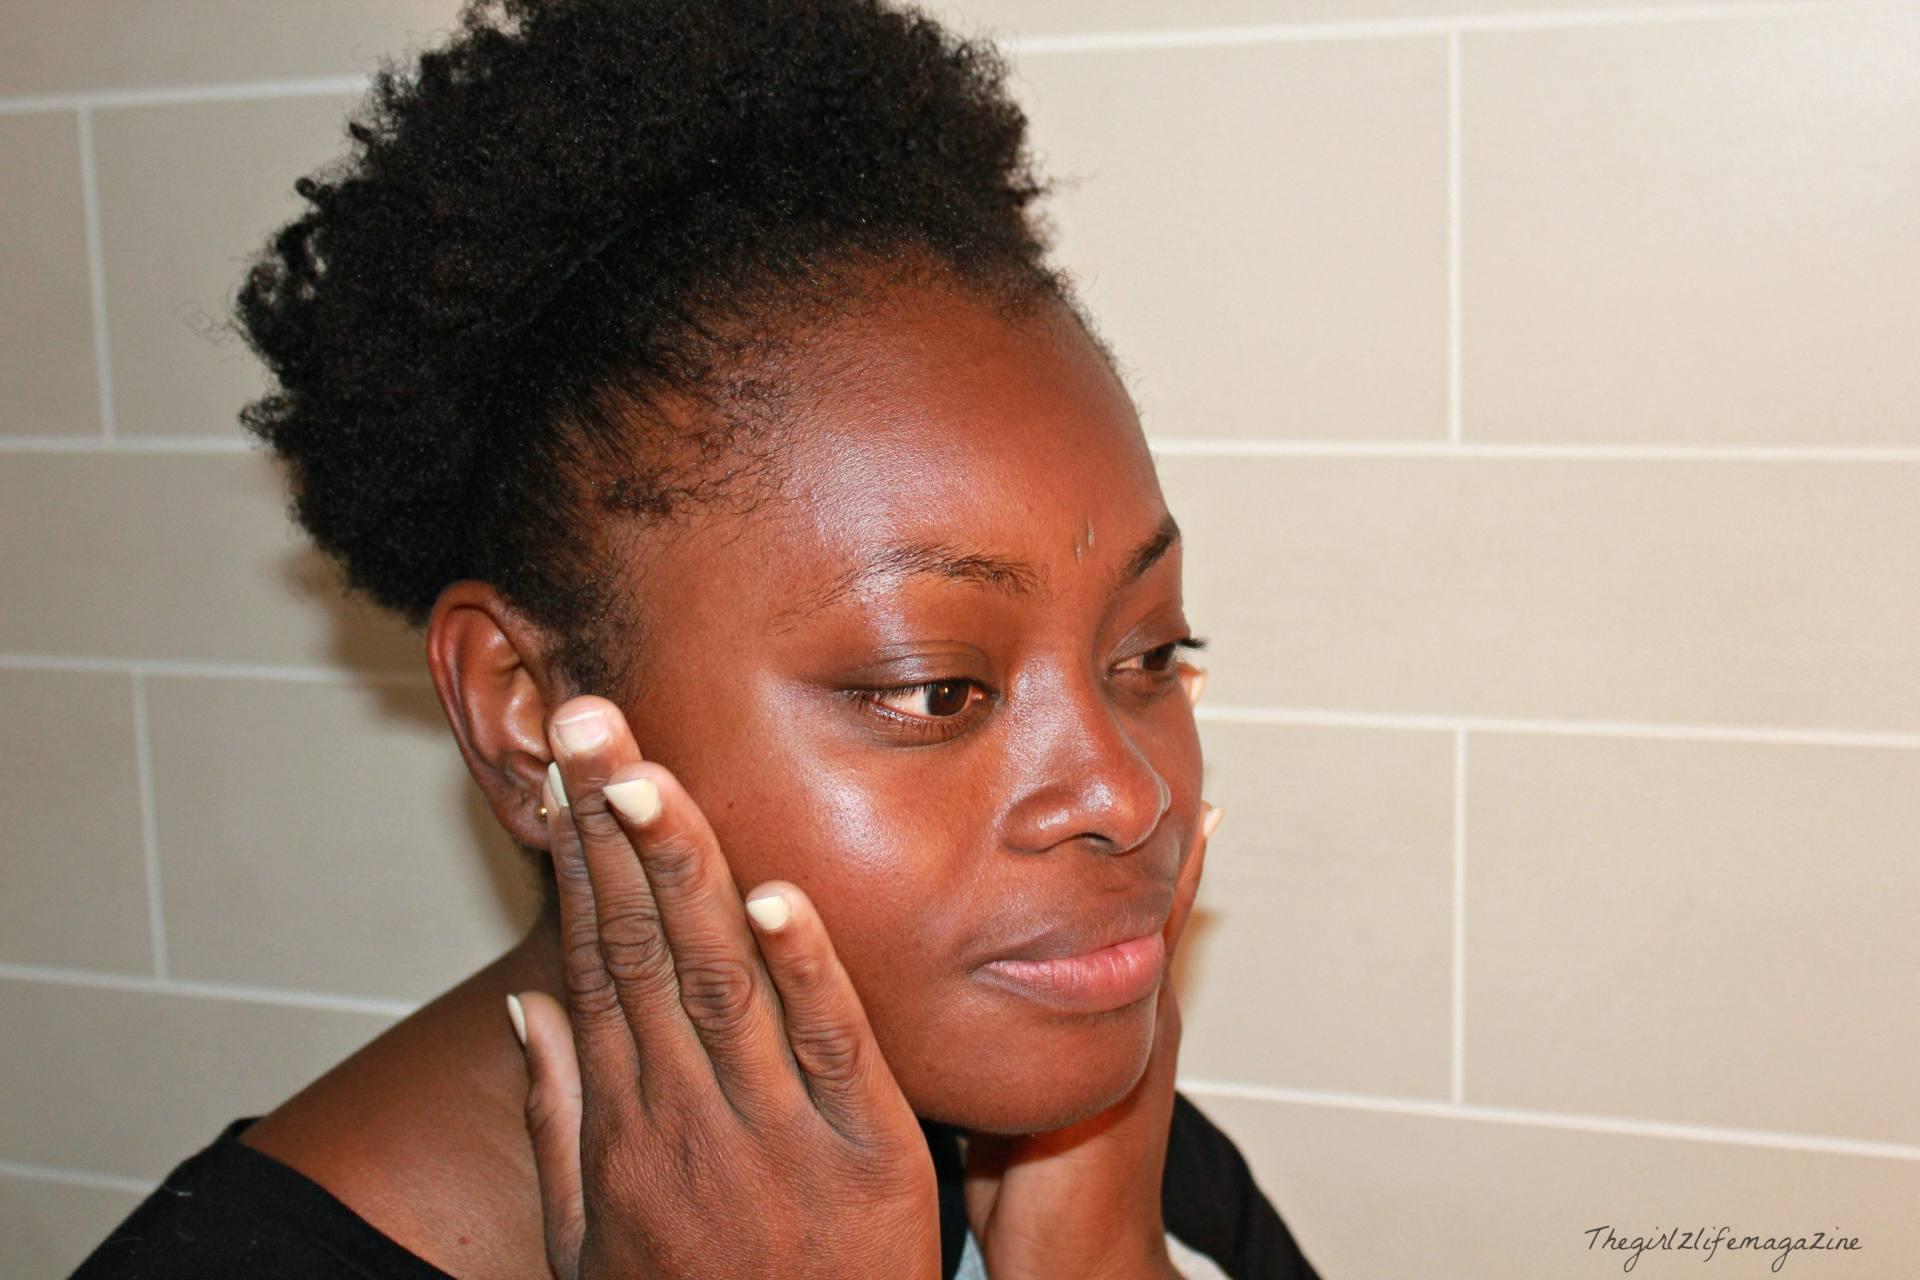 routine visage objectif clat de la peau pour l 39 t thegirlzlifemagazine. Black Bedroom Furniture Sets. Home Design Ideas